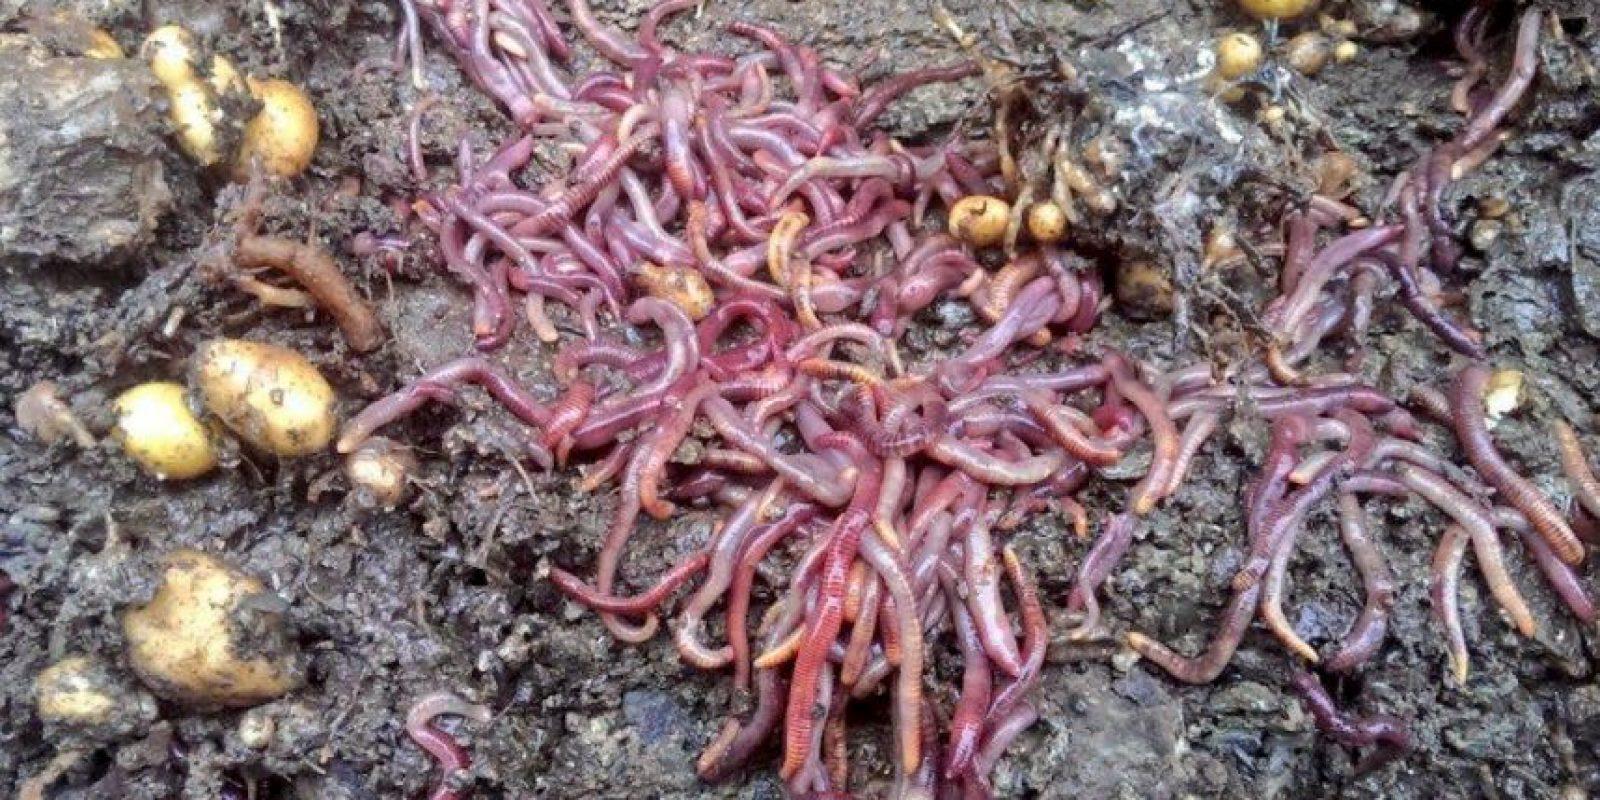 Ensalada de jardín Grub de hojas orgánicas, tomates locales y hierbas con granola insectos crujiente, queso de cabra y mermelada de balsámico. Foto:Vía Twitter @grub_kitchen